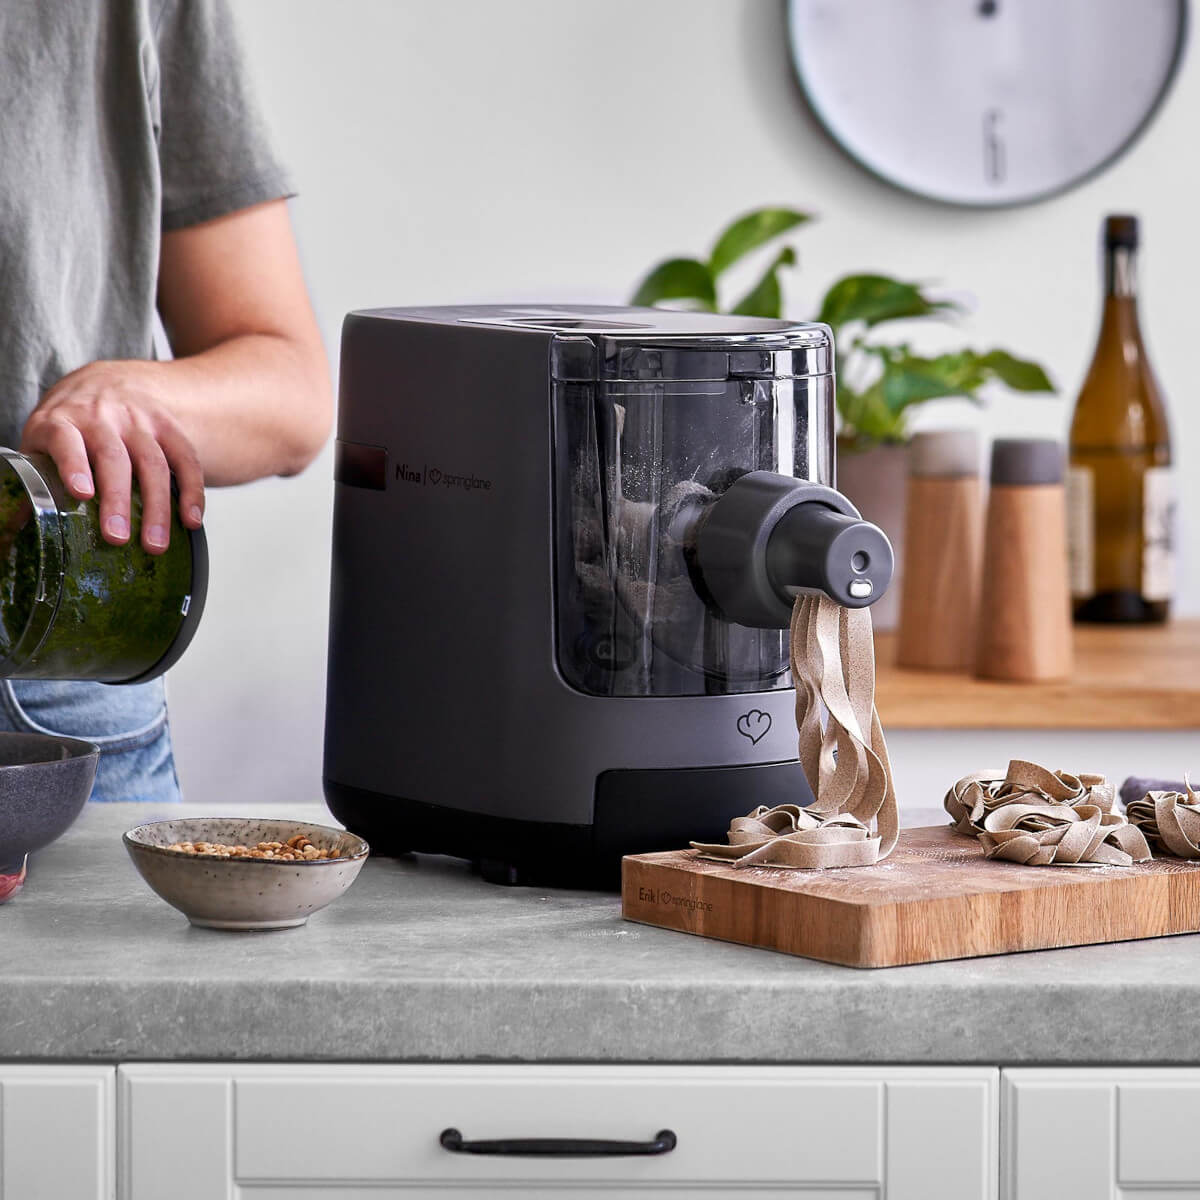 Machine à pâtes Nina Springlane présentation